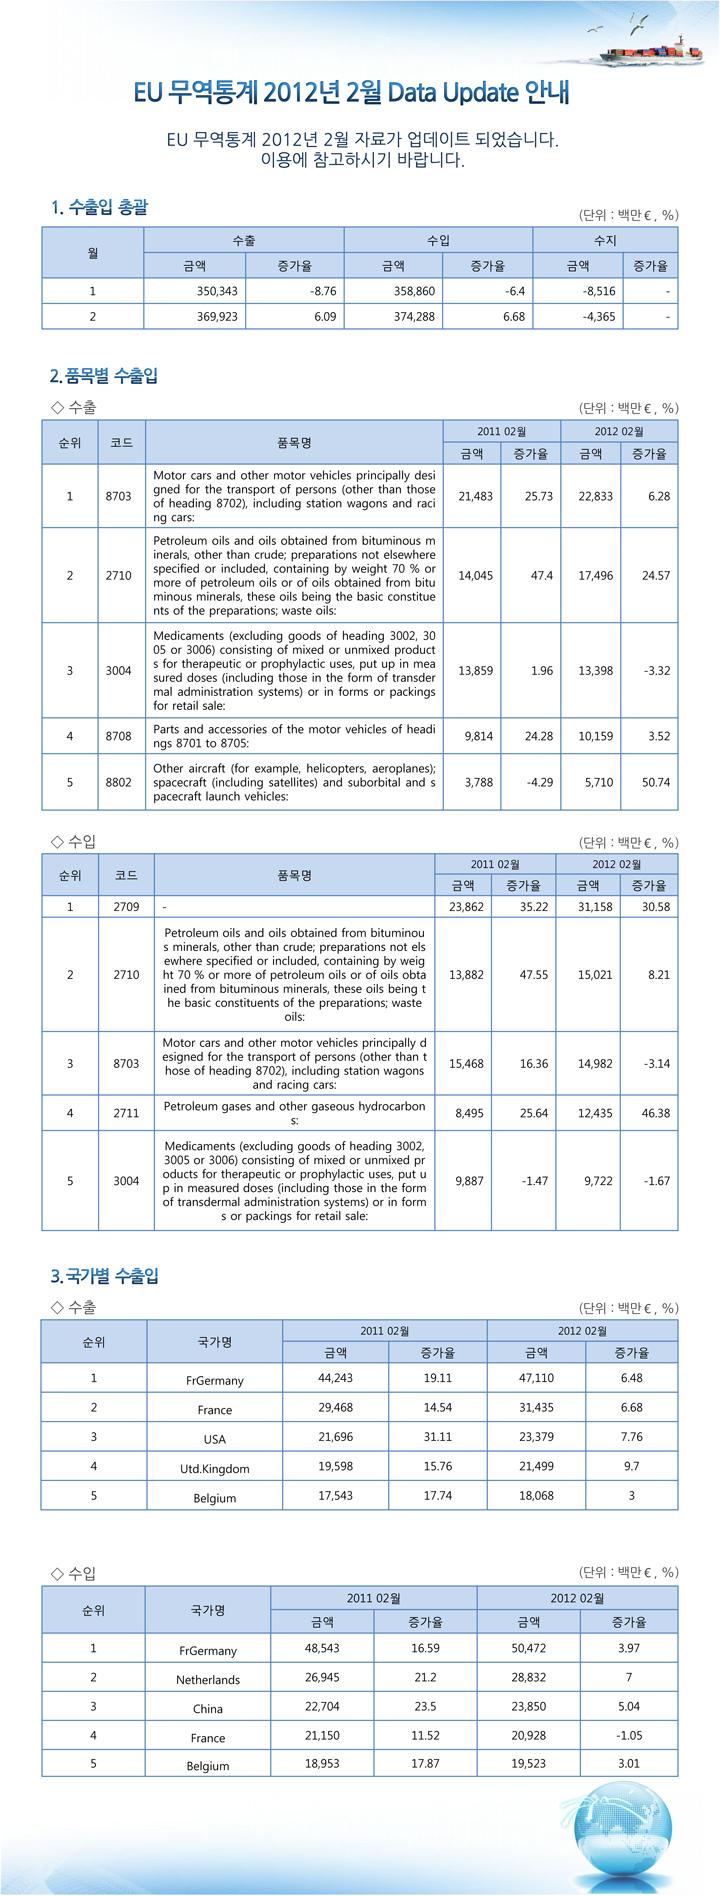 EU 무역통계 업데이트 안내 (2012년 2월 분)